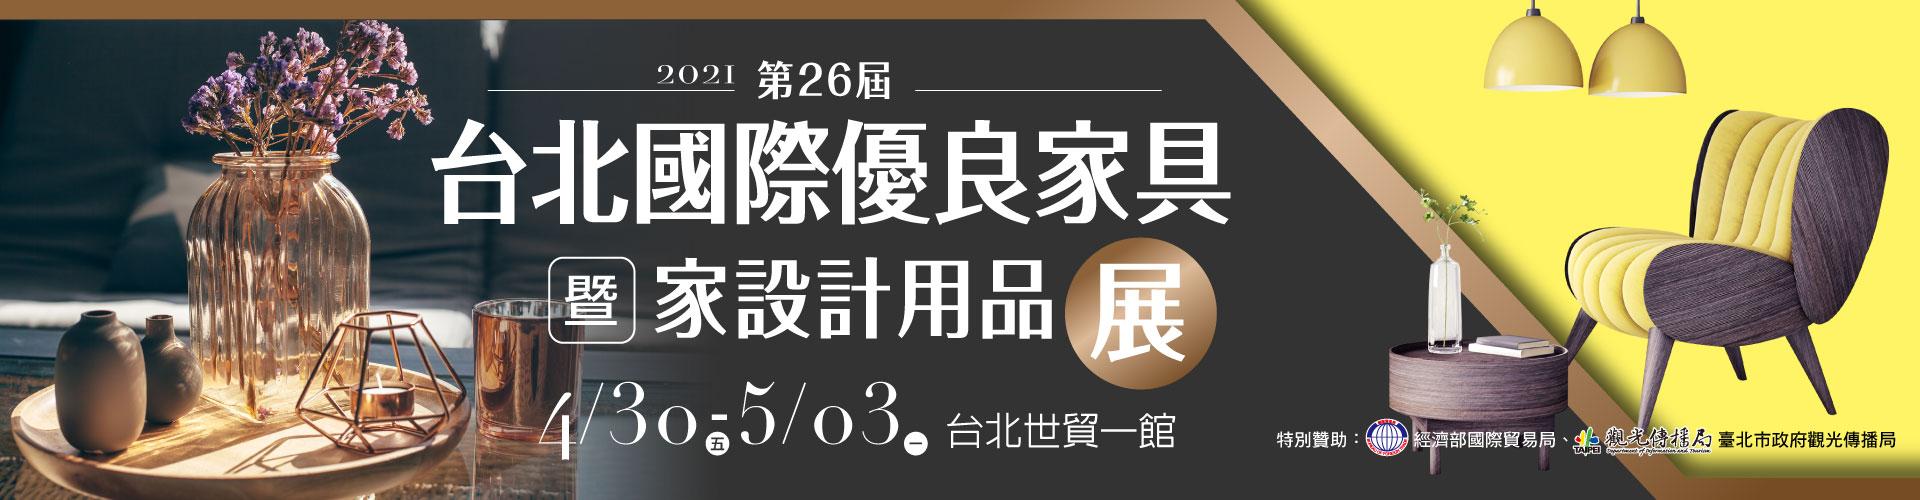 第26屆台北國際優良家具暨家設計用品展